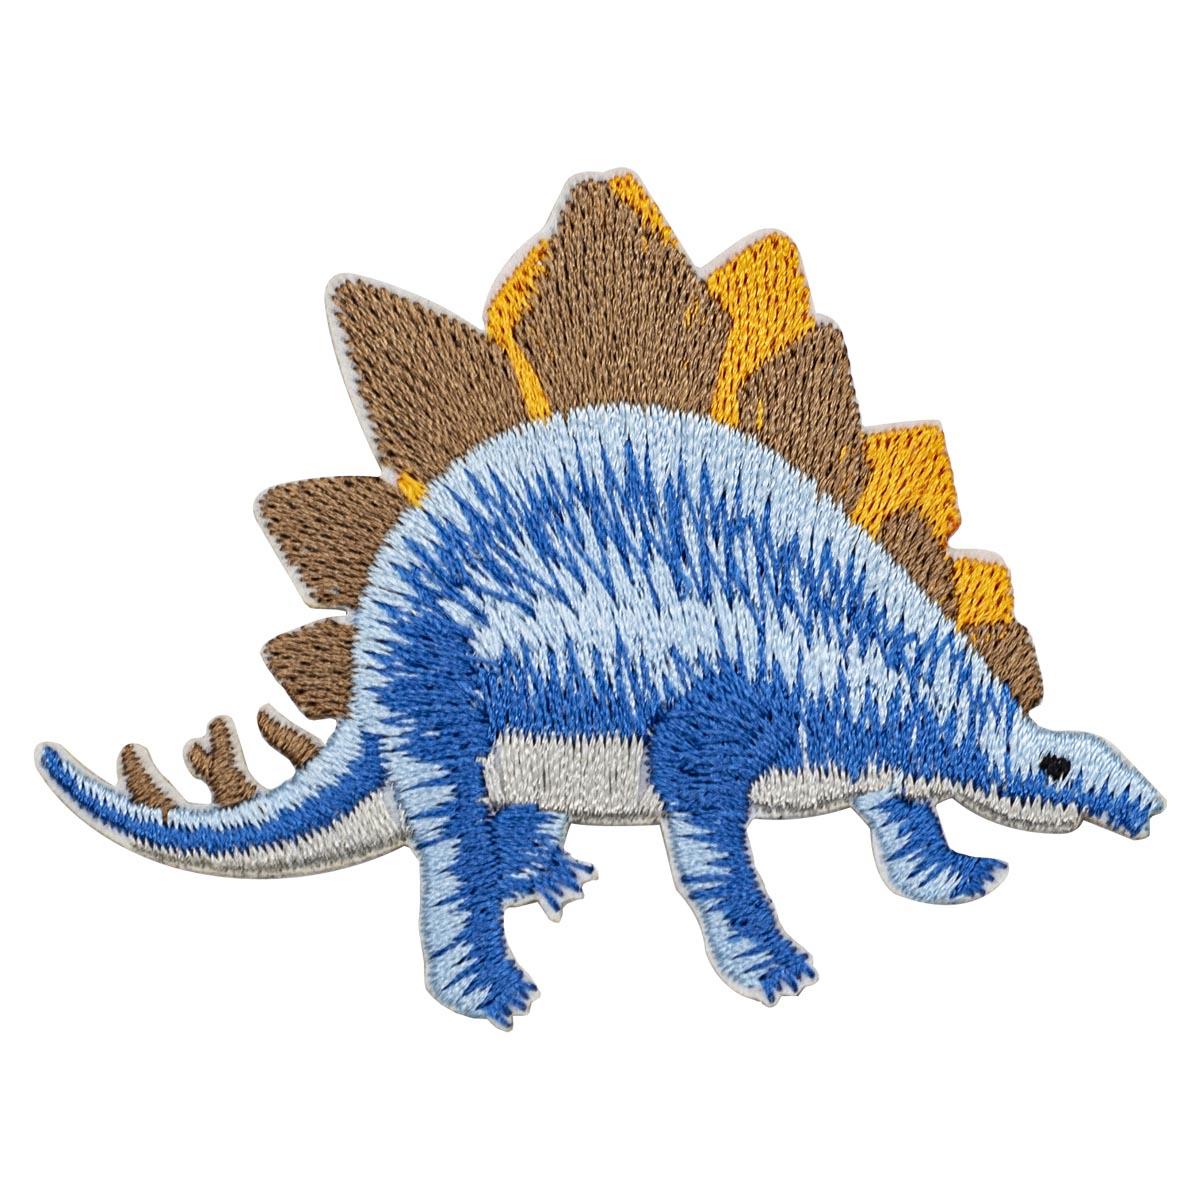 Термоаппликация 'Динозавр', 7.5*5.7см